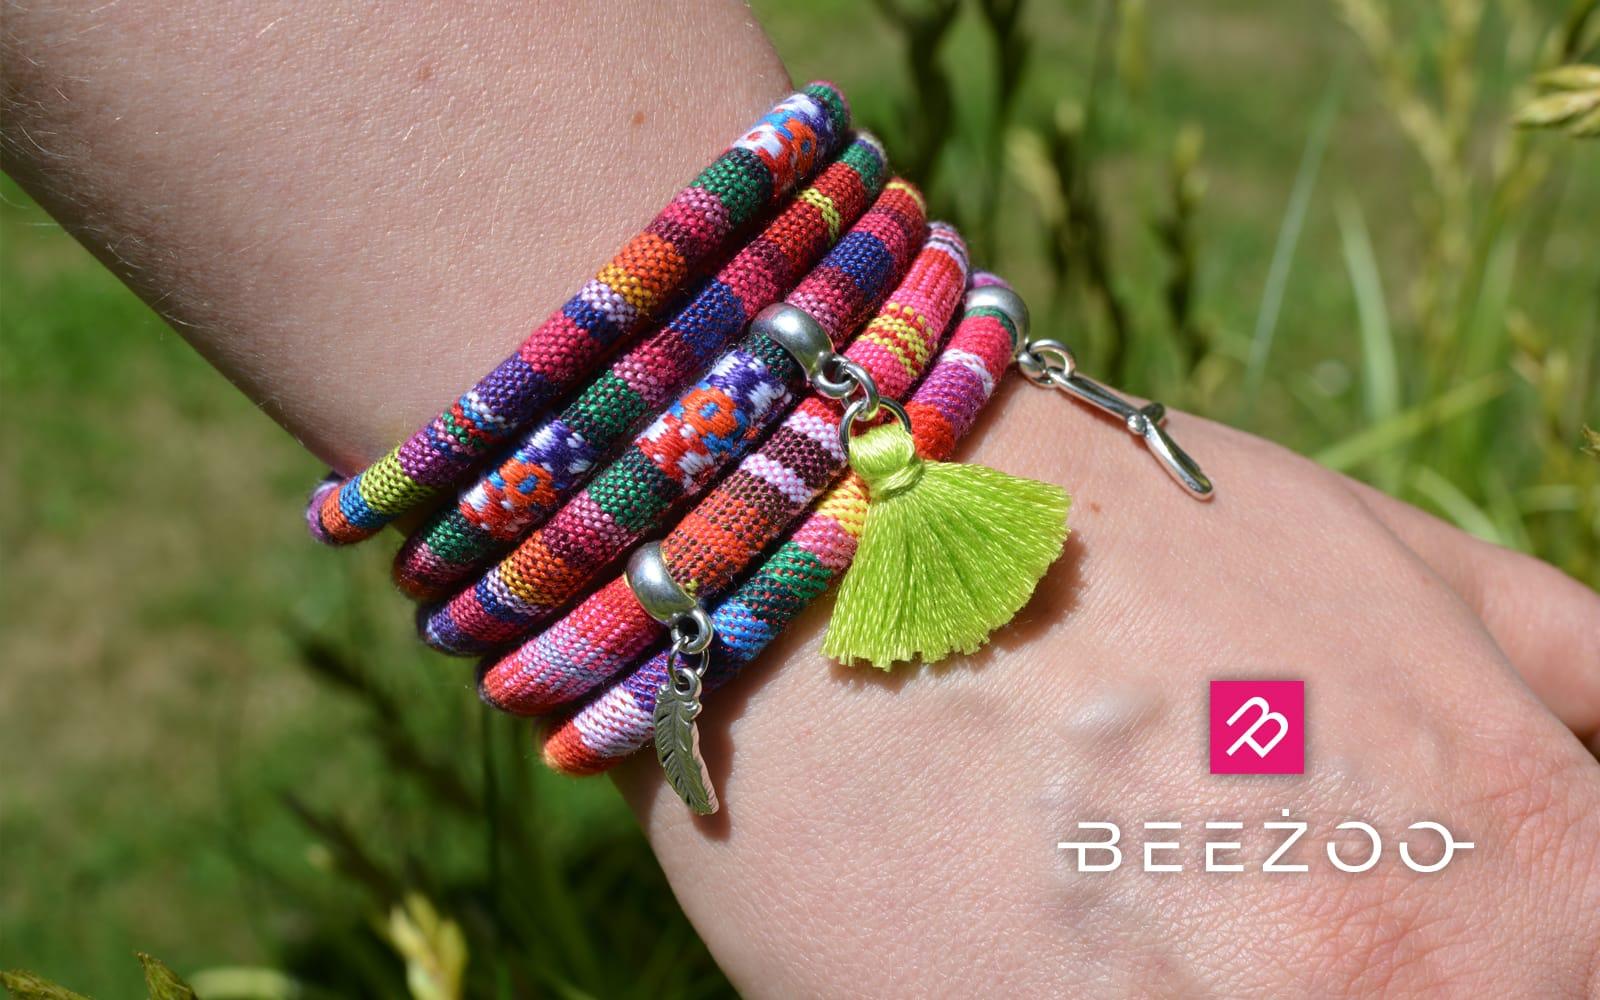 Beeżoo logo firmowe projektowanie Agencja brandingowa Moweli Creative